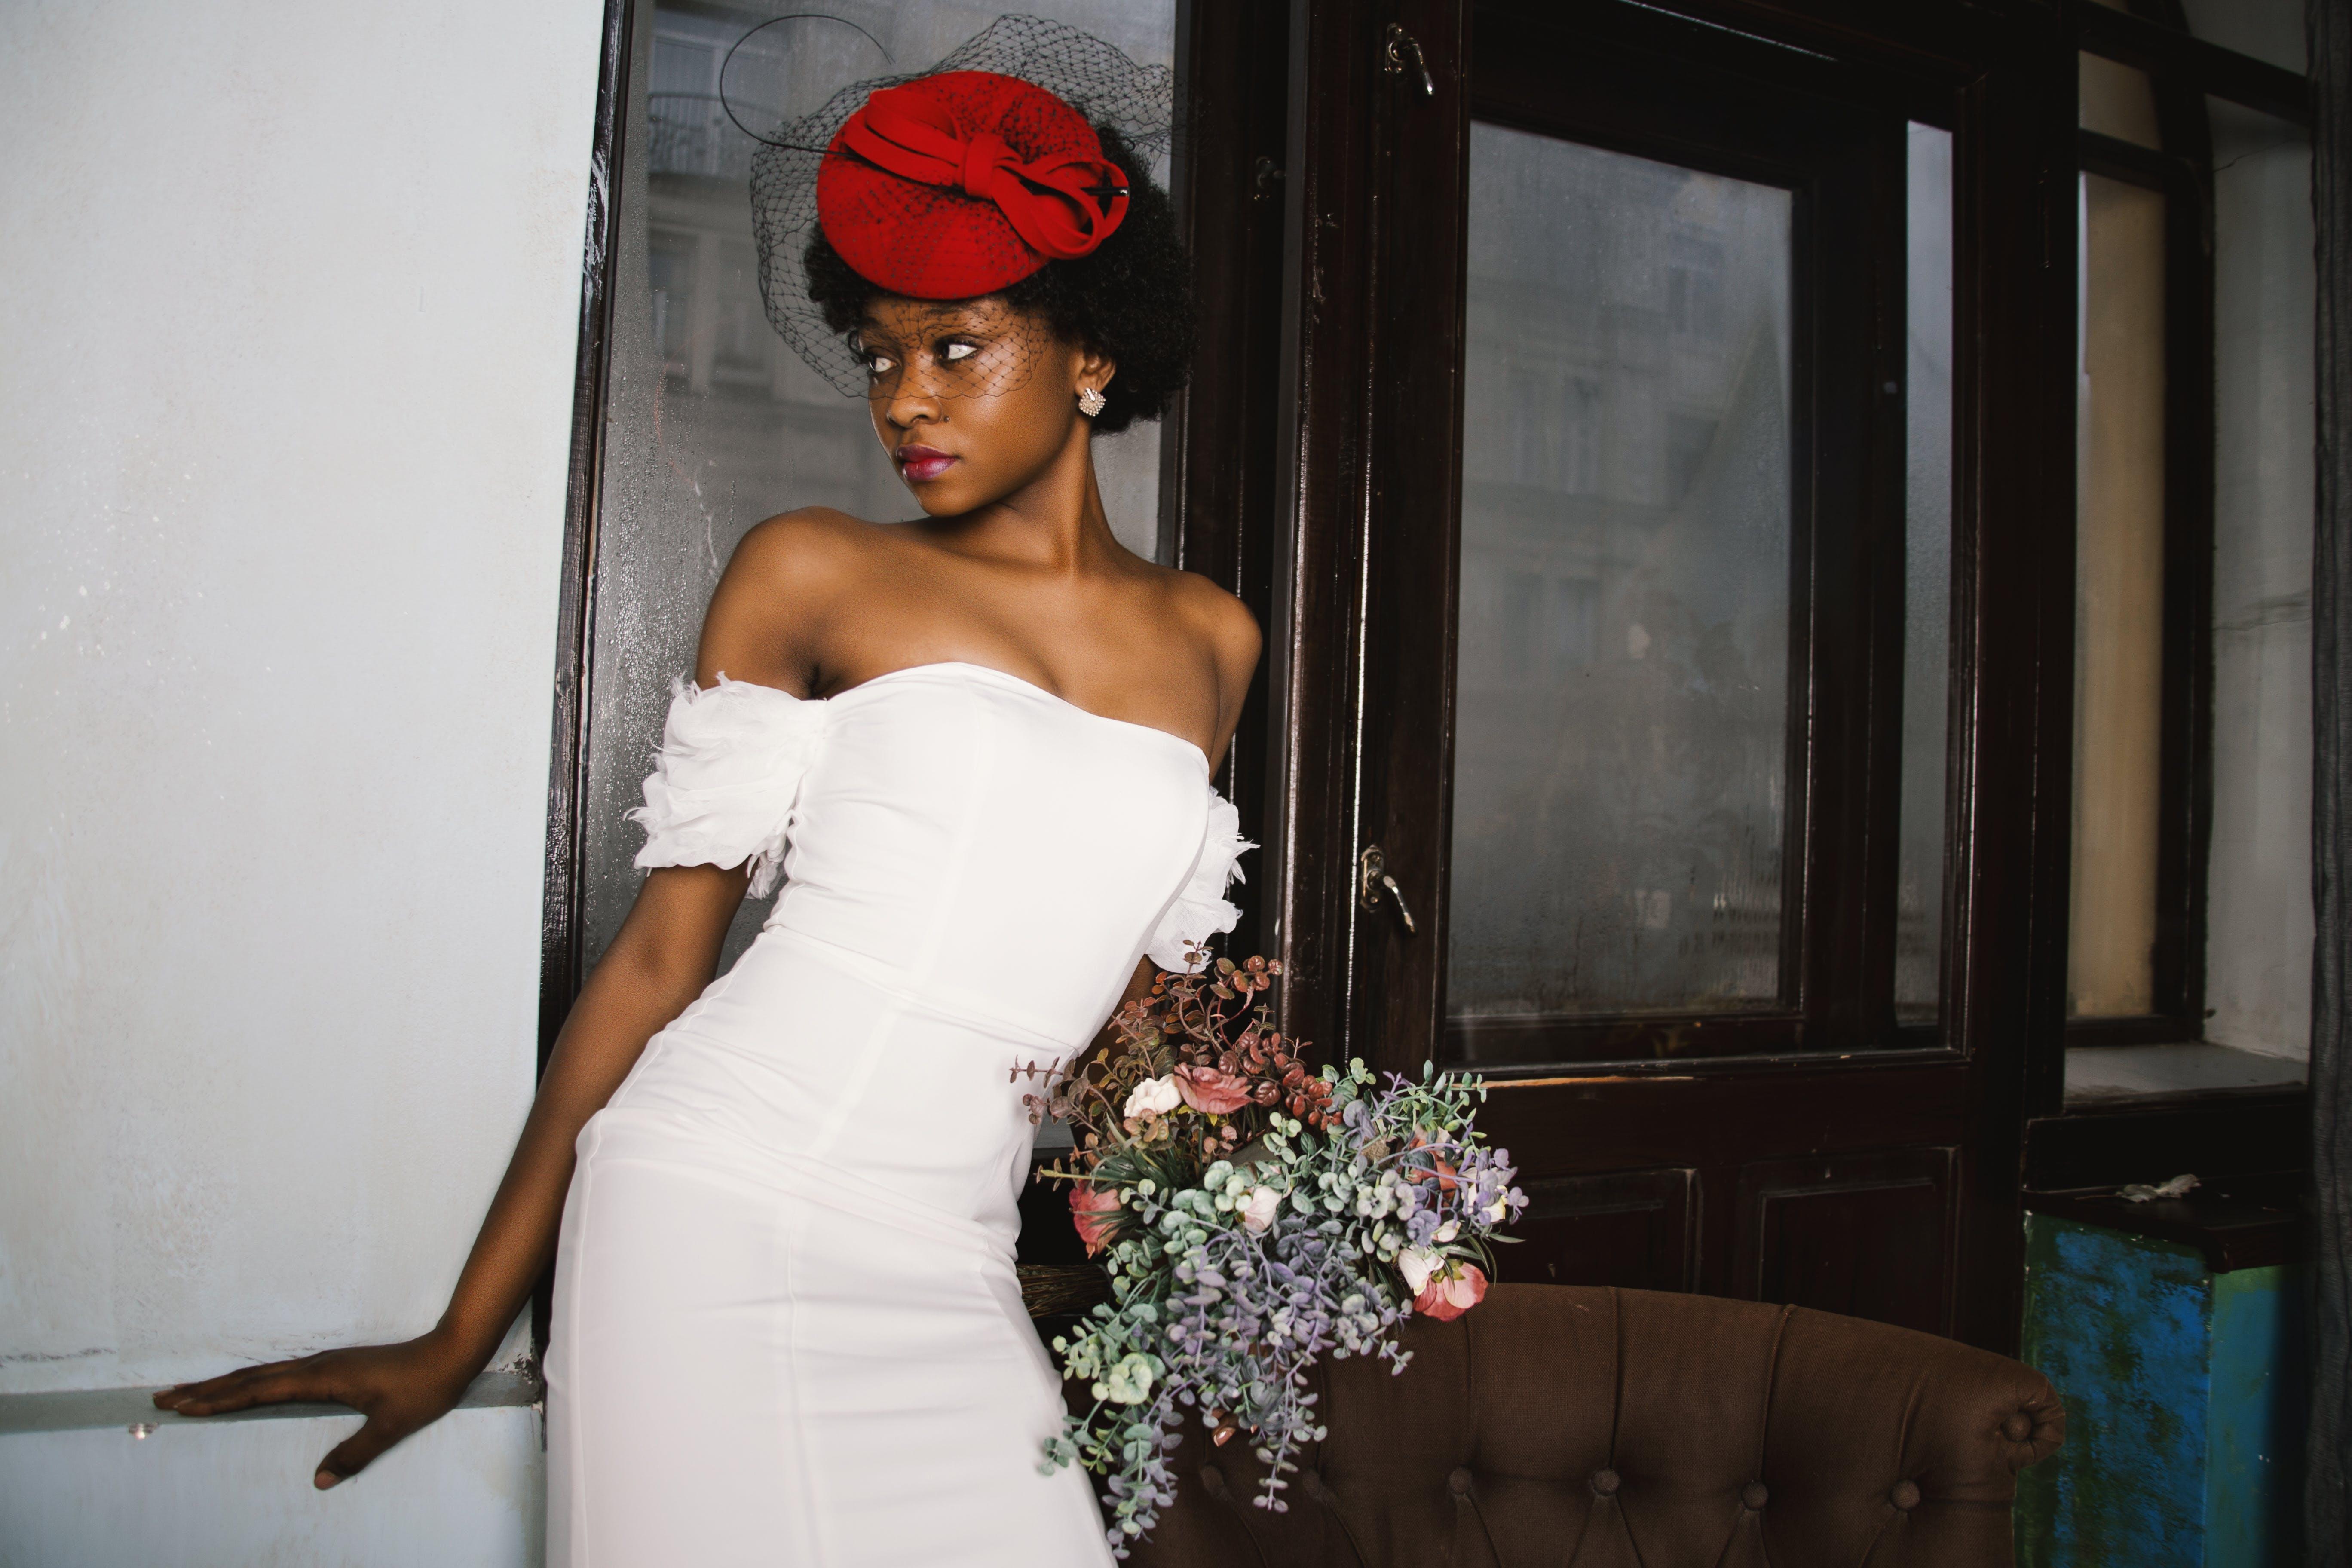 Δωρεάν στοκ φωτογραφιών με ανθοδέσμη, βέλο, γαμήλια δεξίωση, γαμήλια τελετή